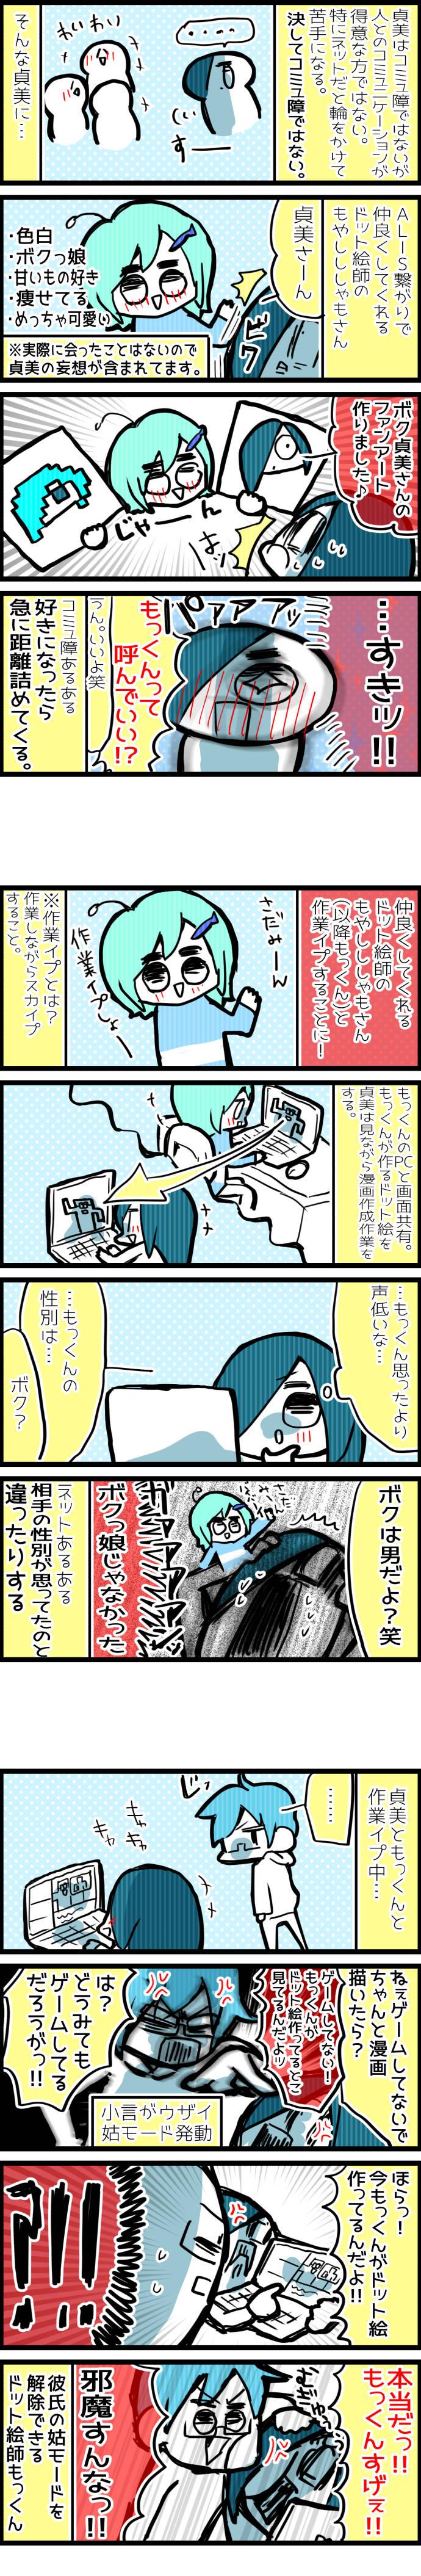 neetsadami.com_27話